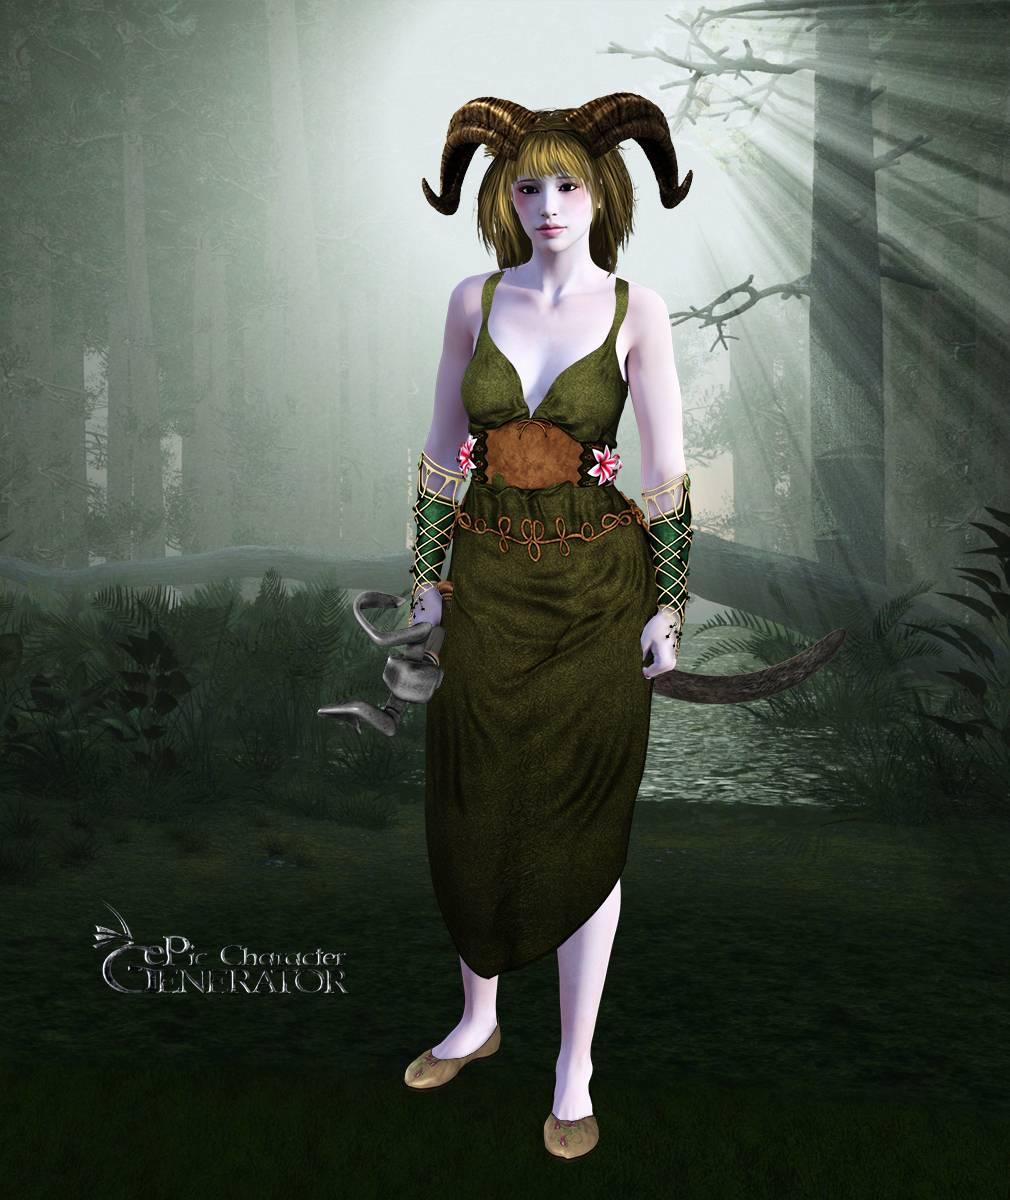 ePic Character Generator Season 2 Female Supernatural Screenshot 10